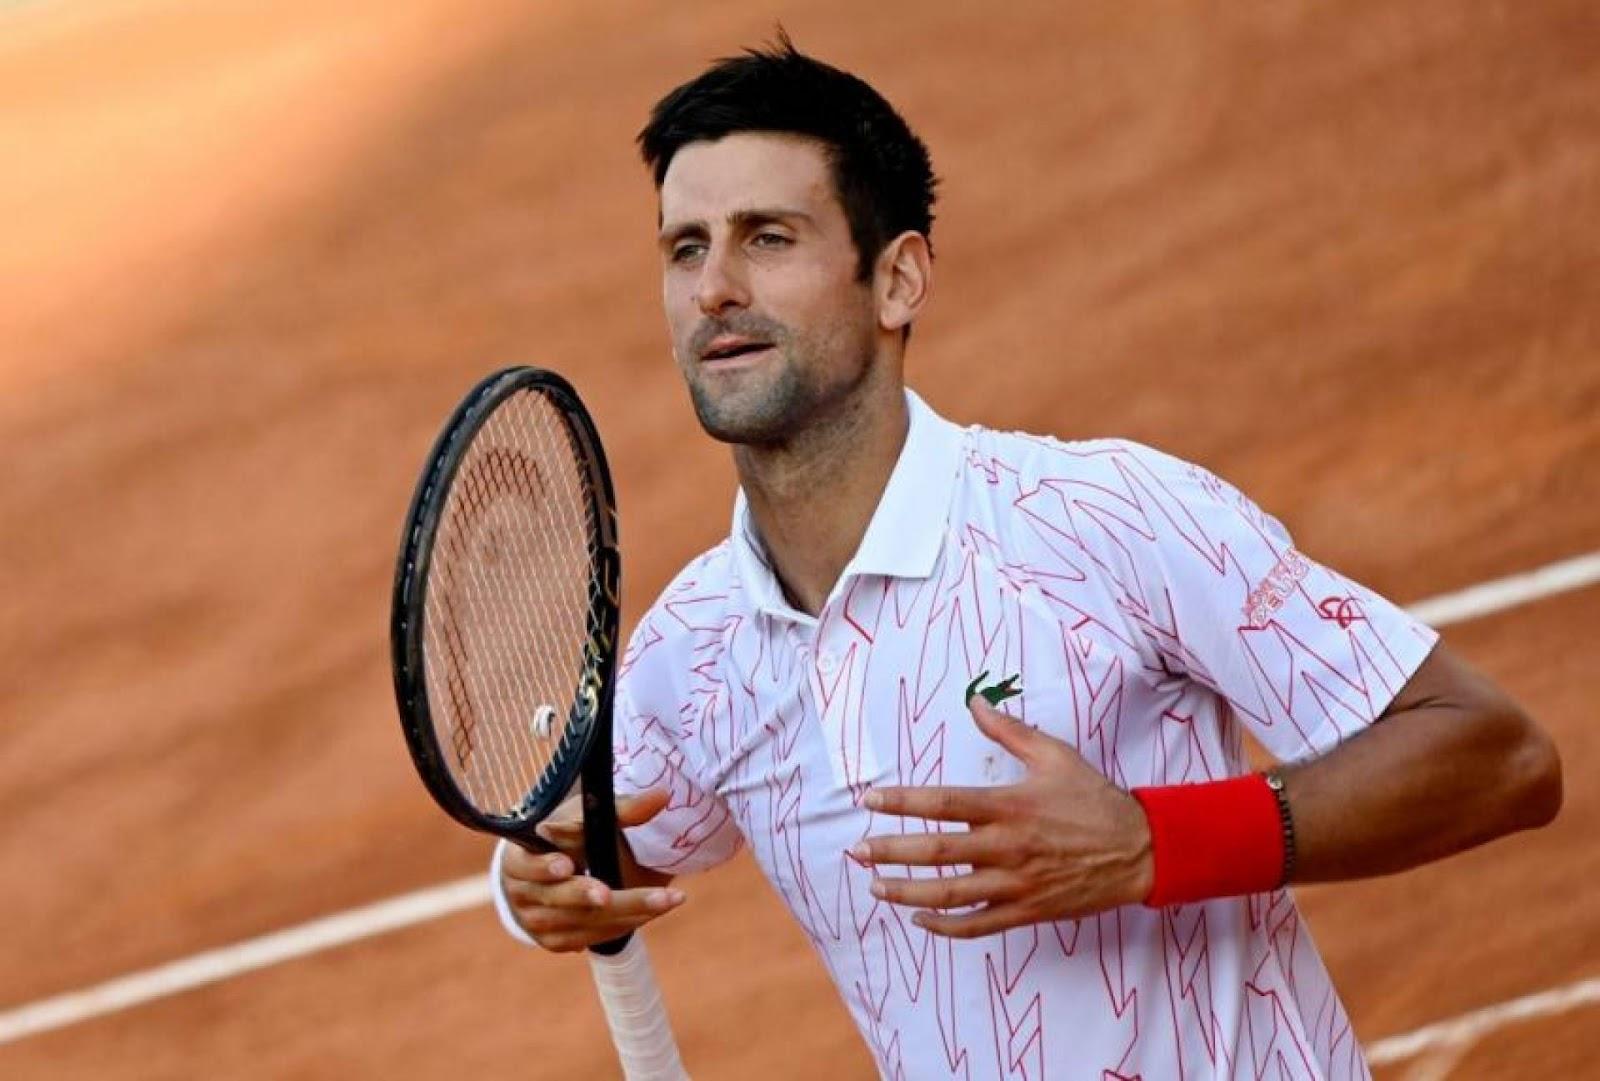 许多球迷认为Novak Djokovic的反应有时候太过浮夸